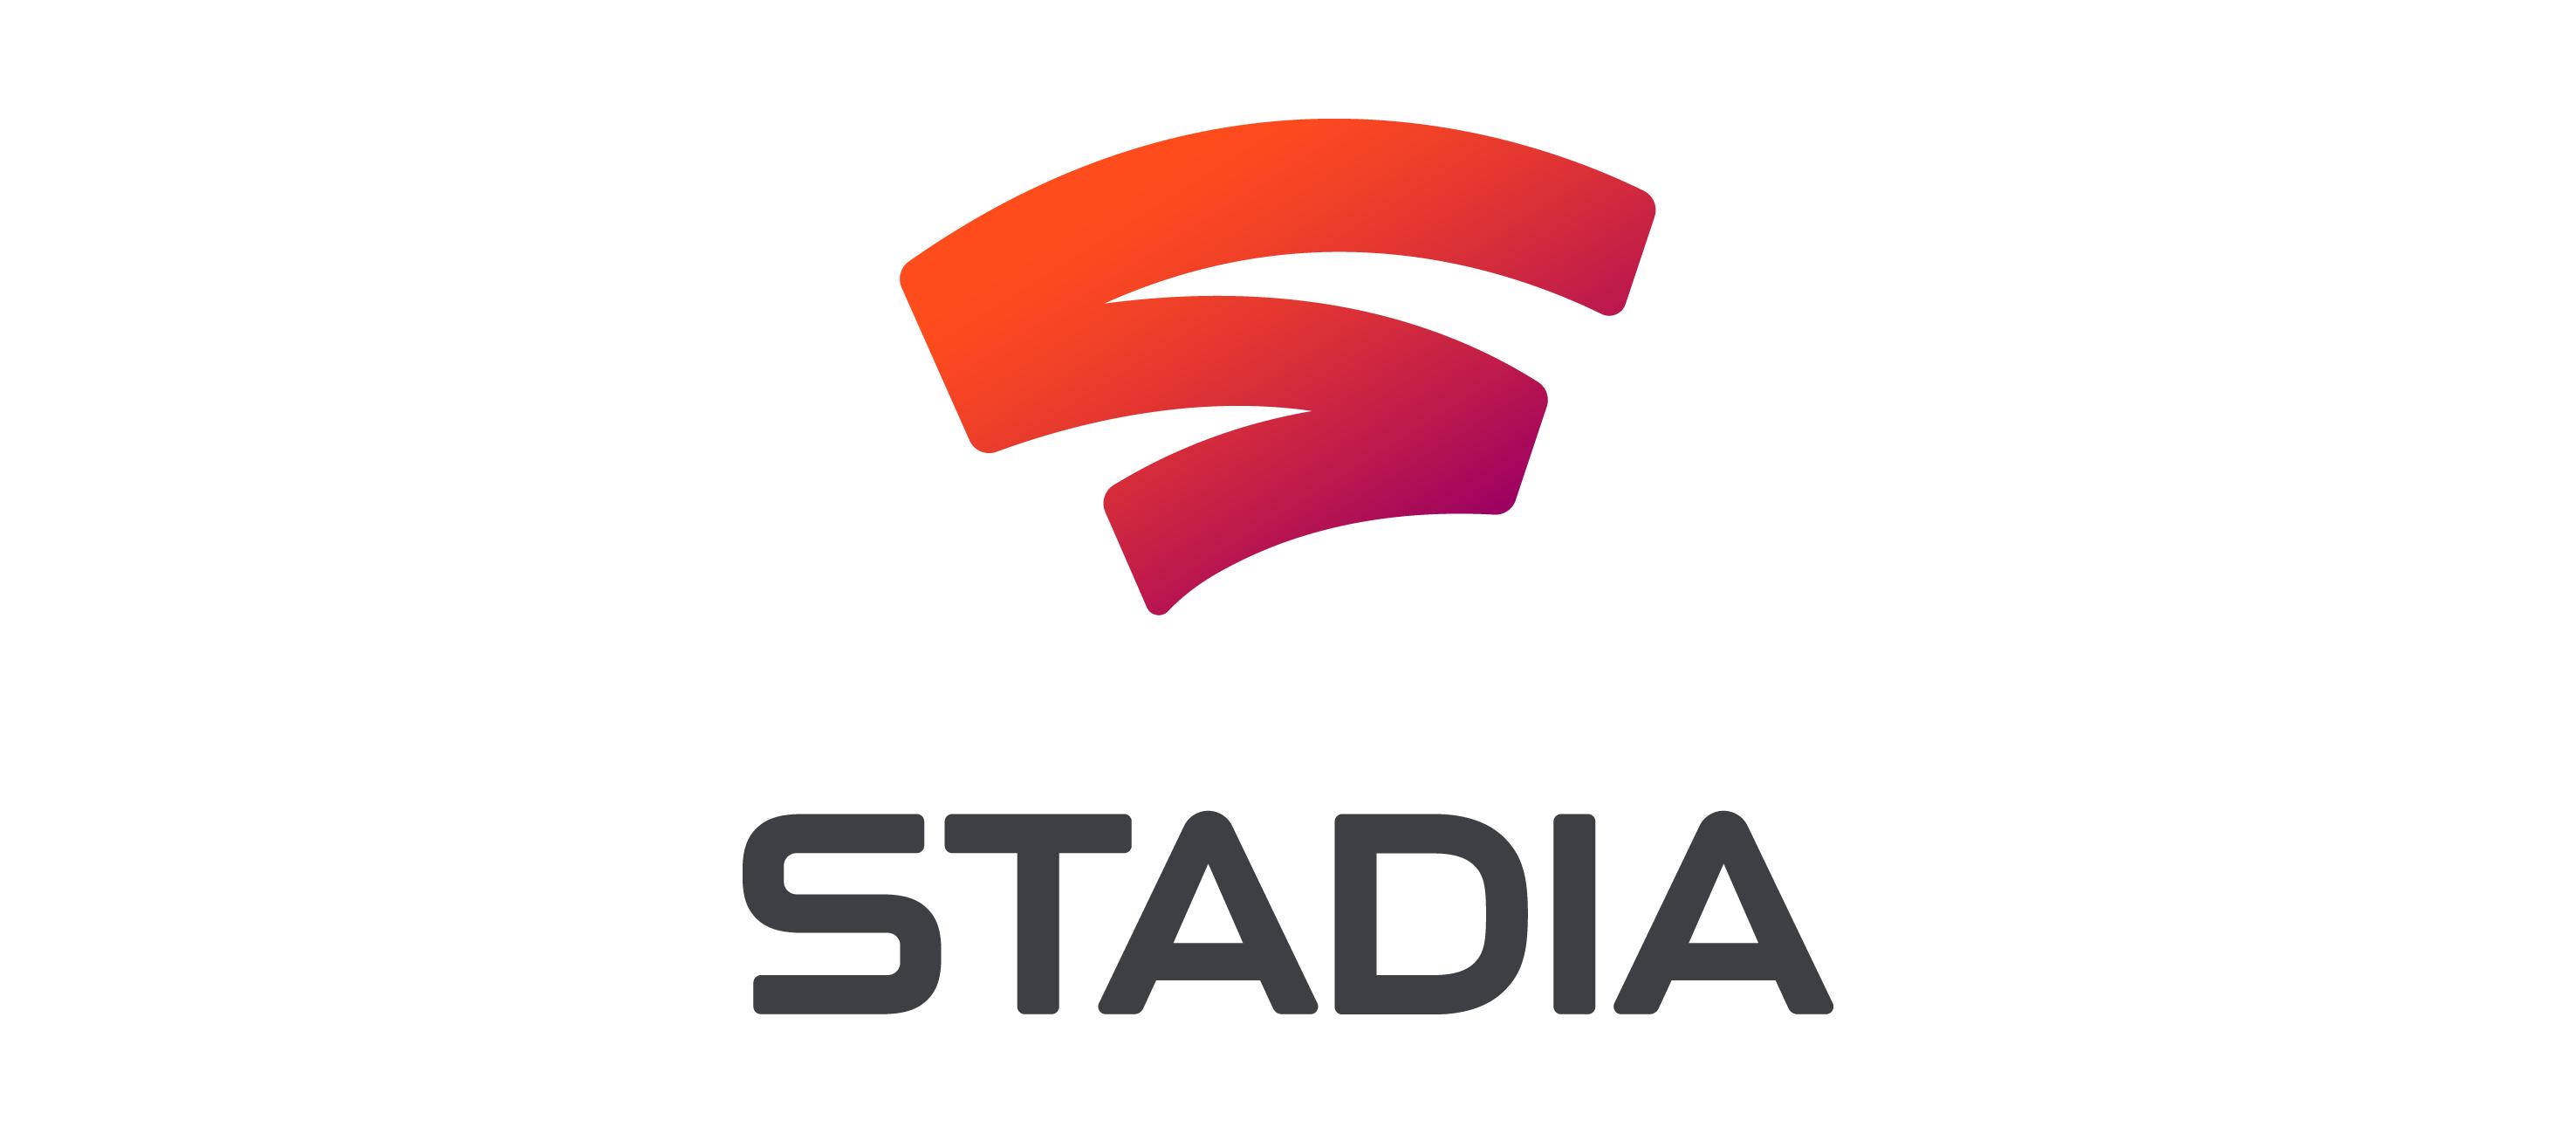 구글, 클라우드 게이밍 서비스 '스태디아' 발표